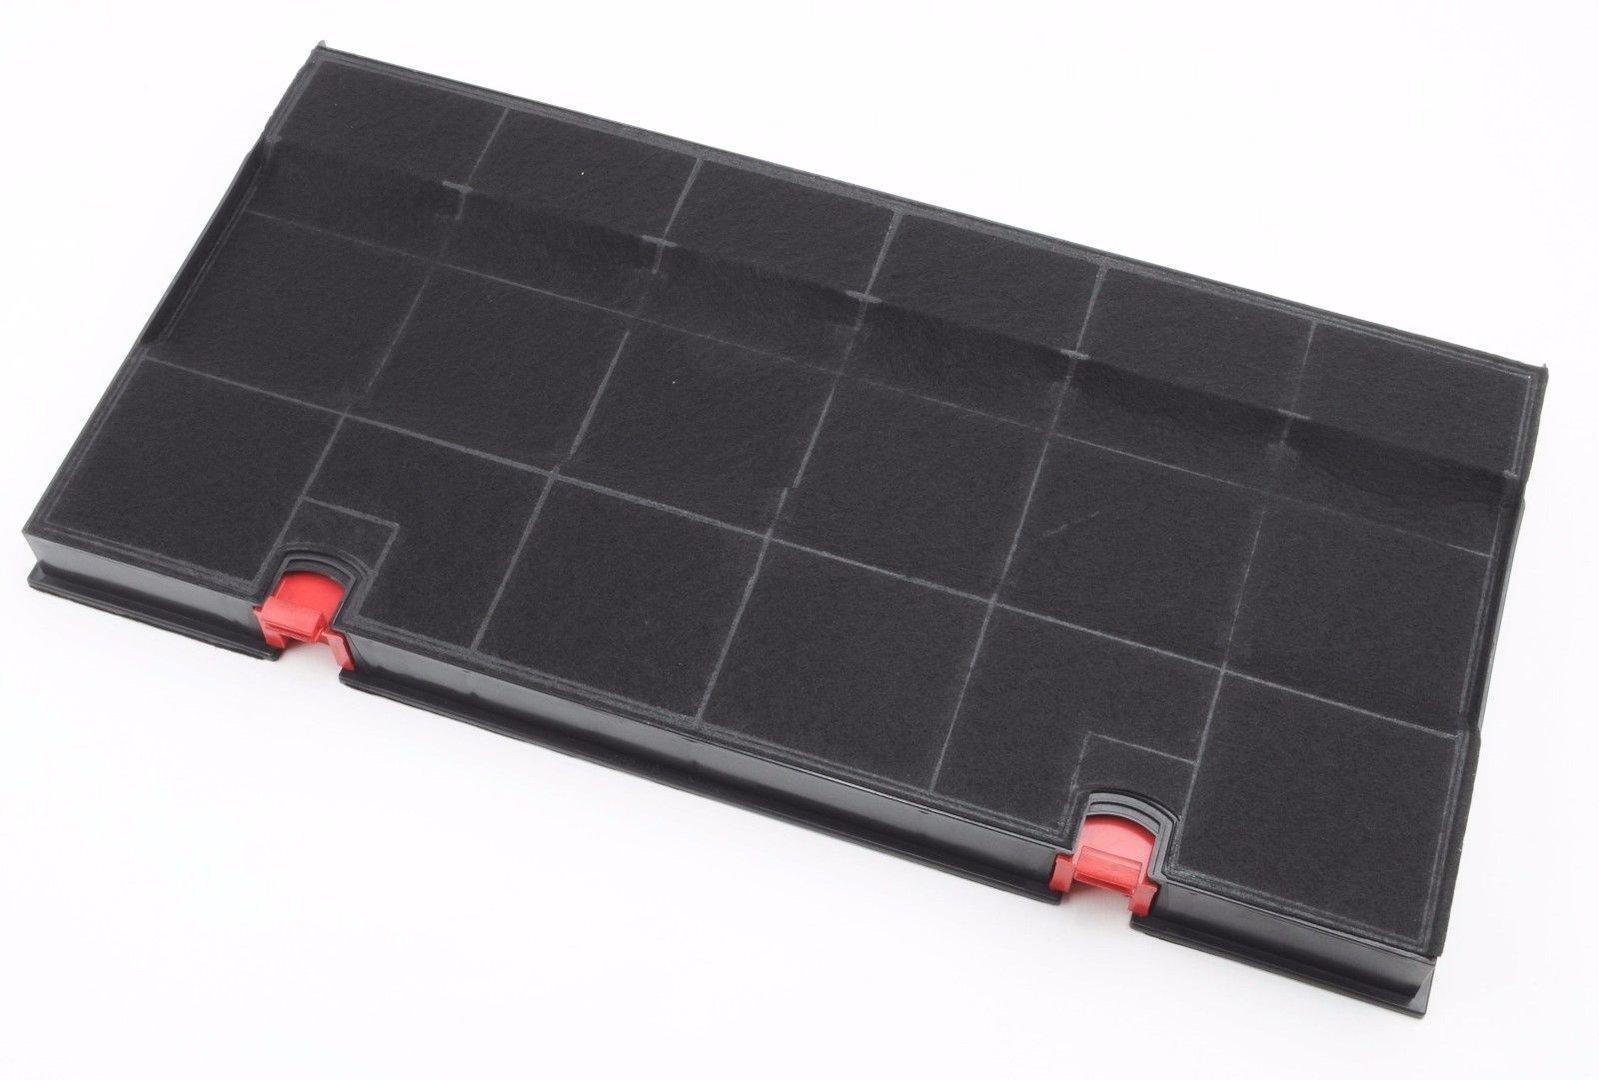 Dunstabzugshaube juno 60 ergebnisse zu electrolux dunstabzugshaube